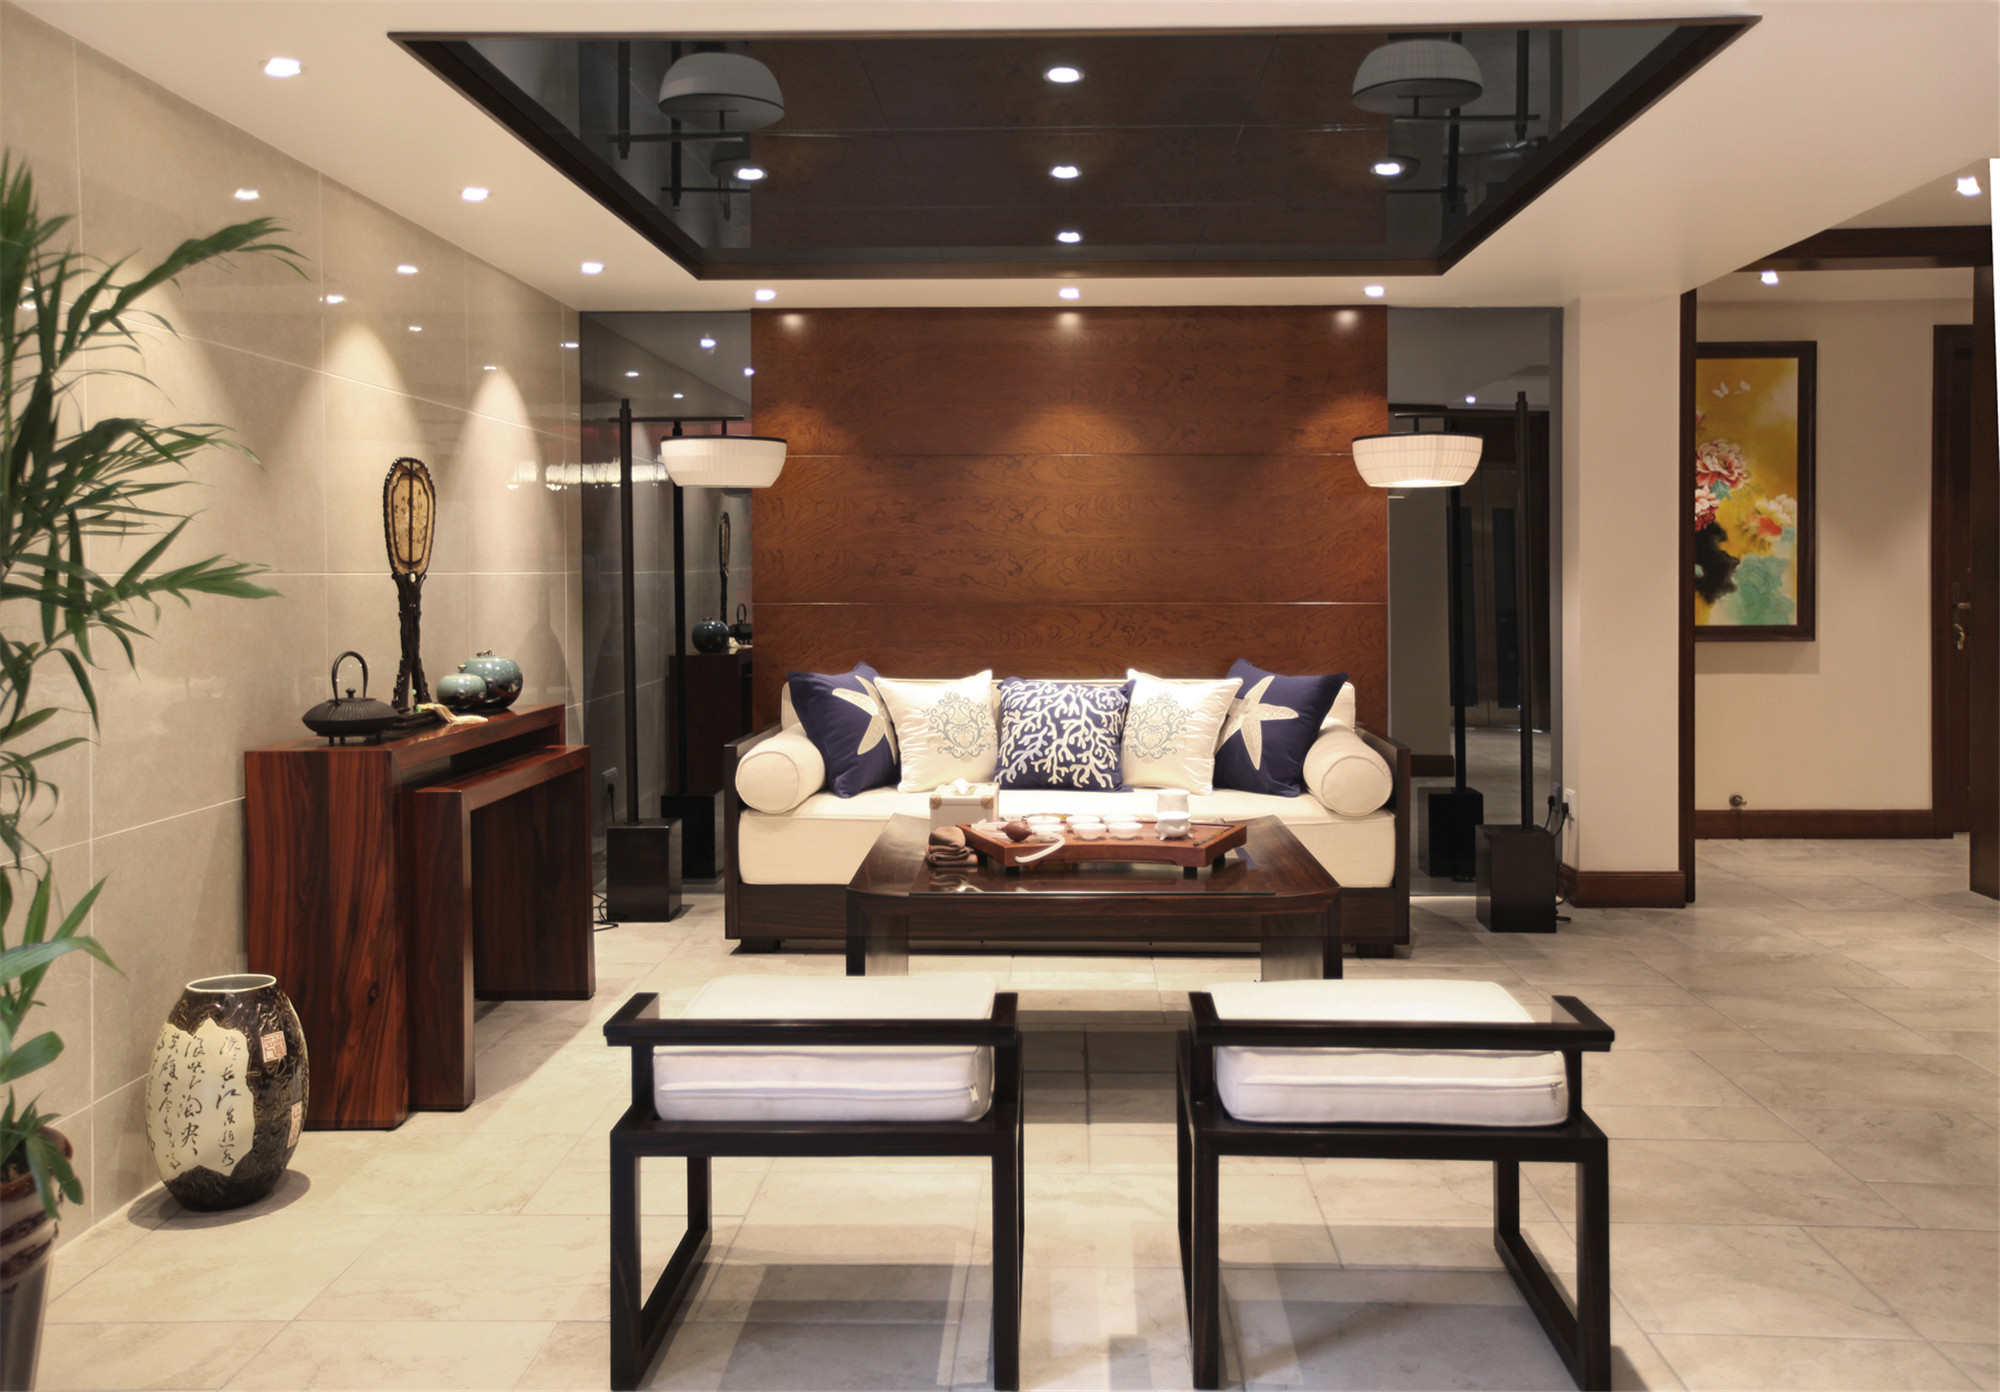 新中式别墅装修沙发背景墙图片